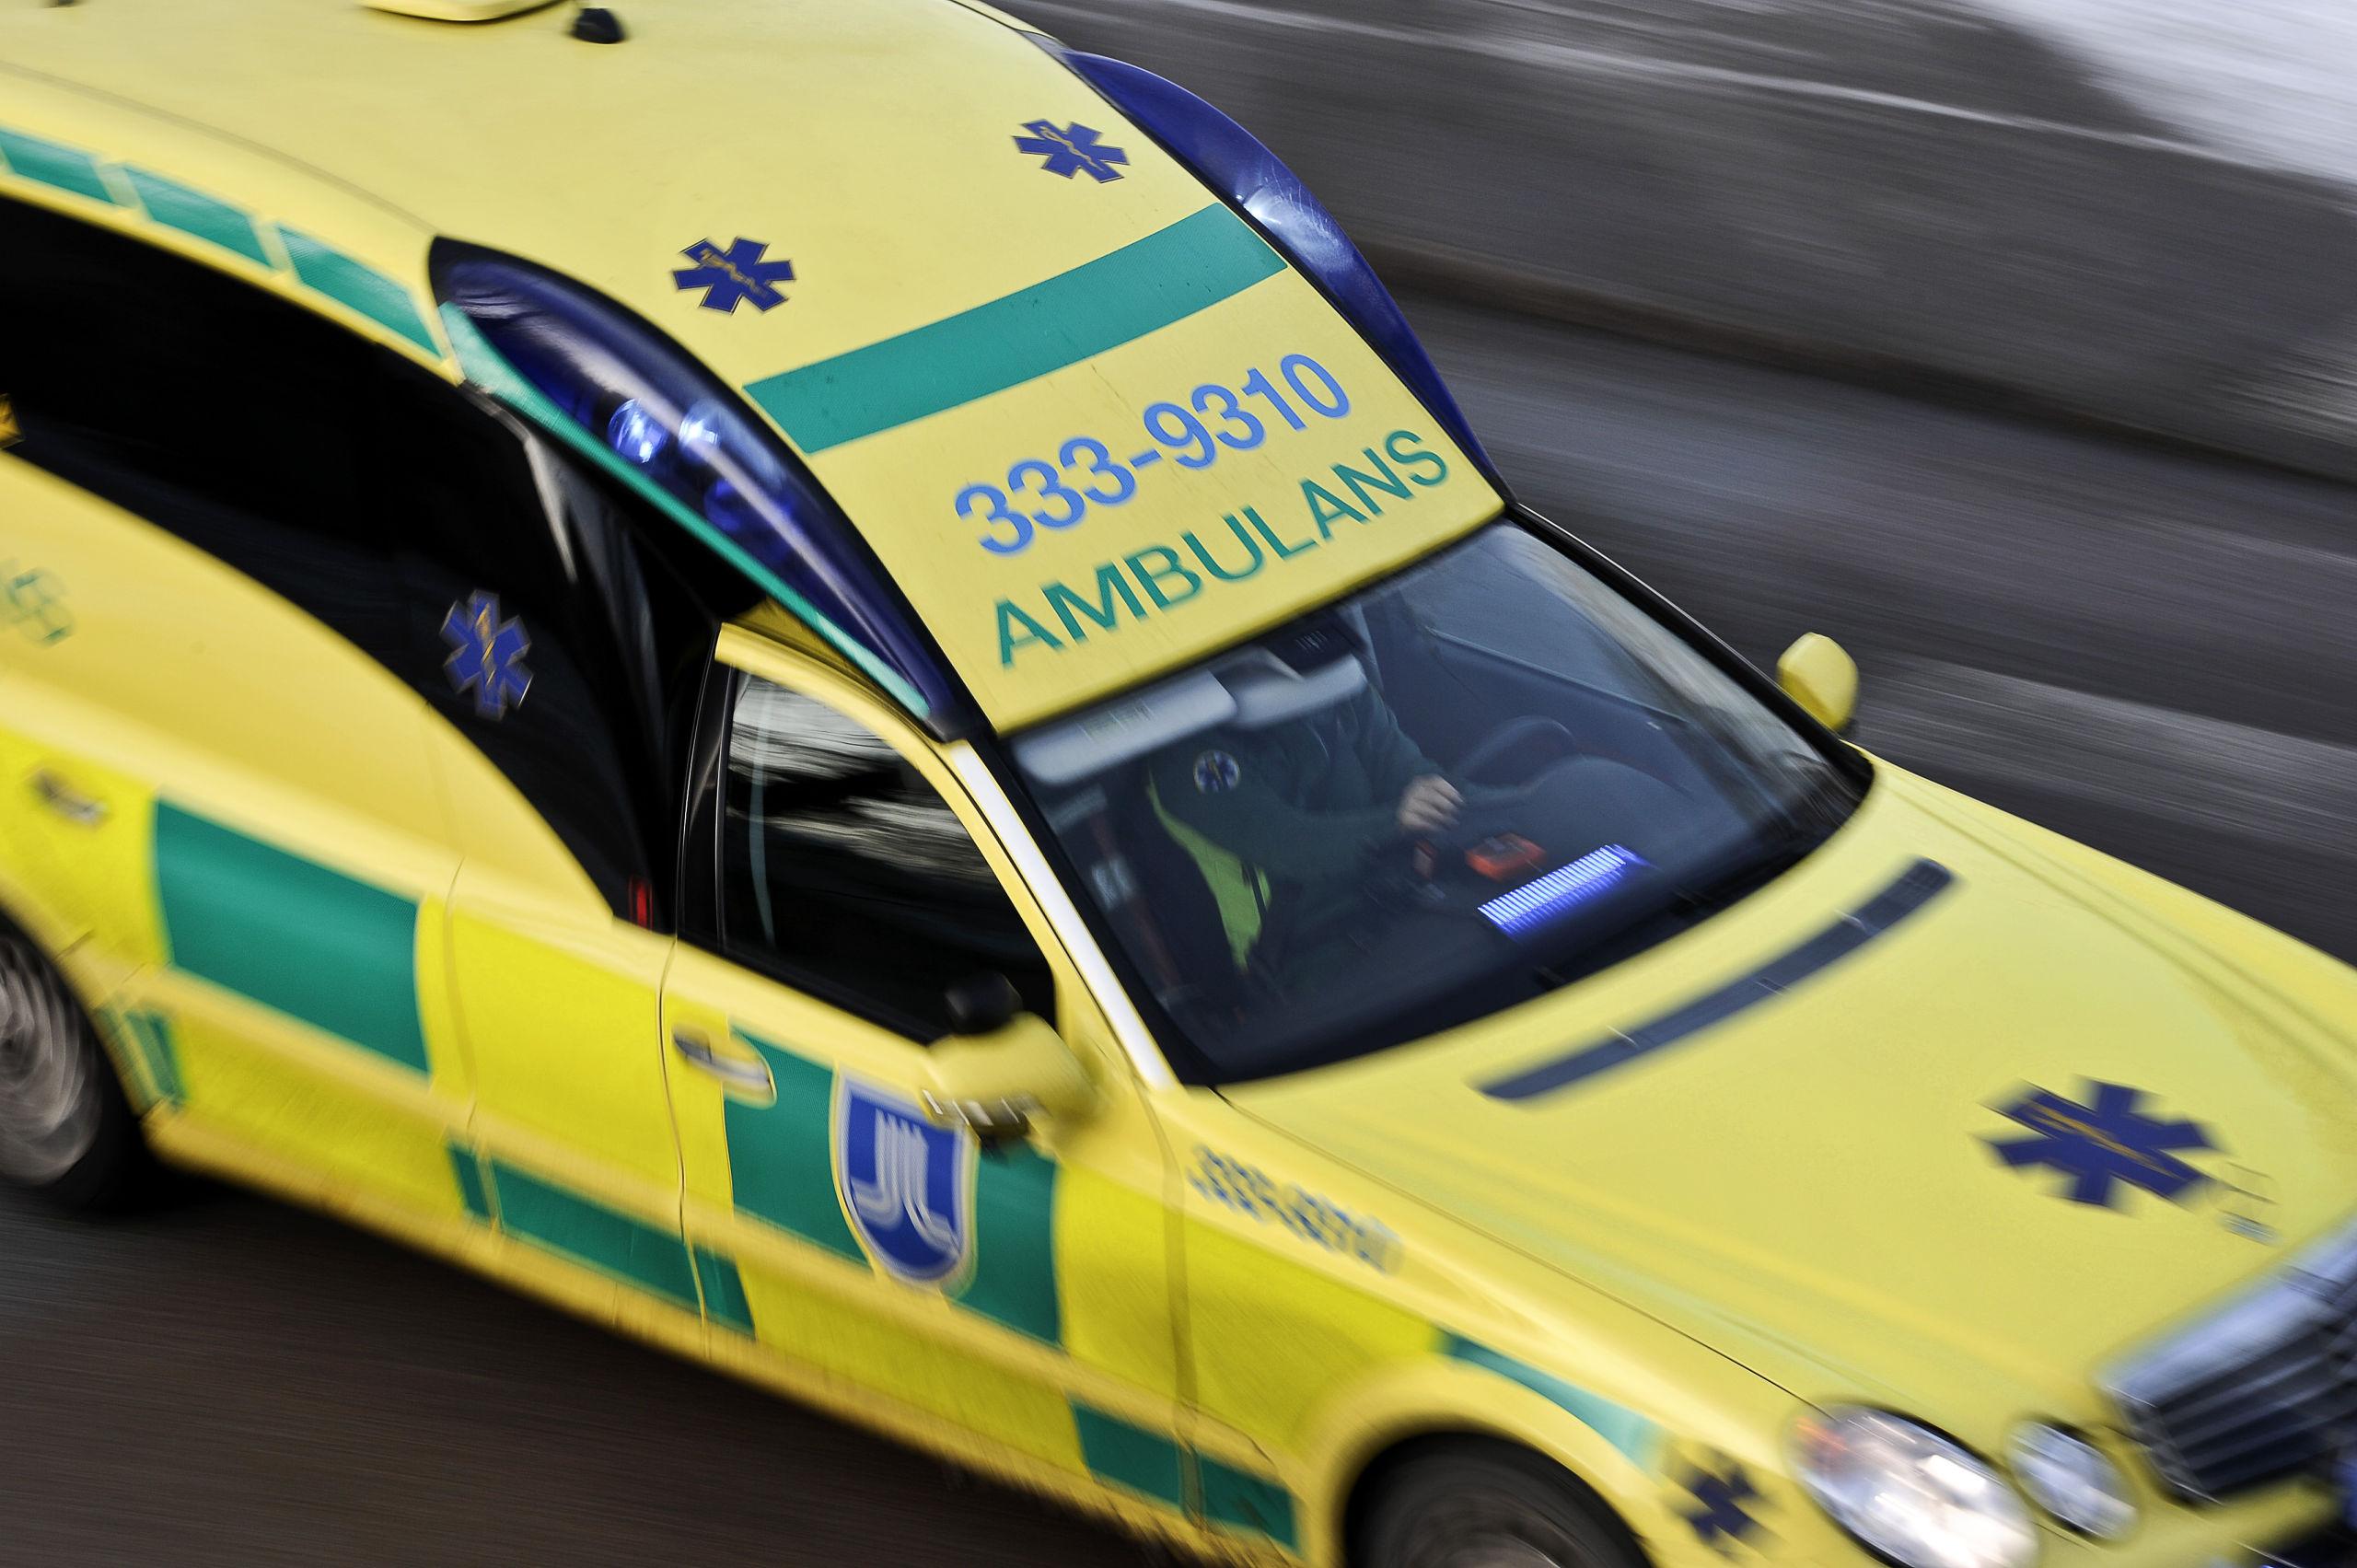 Fem svart skadade till sjukhus efter antinazistdemonstration